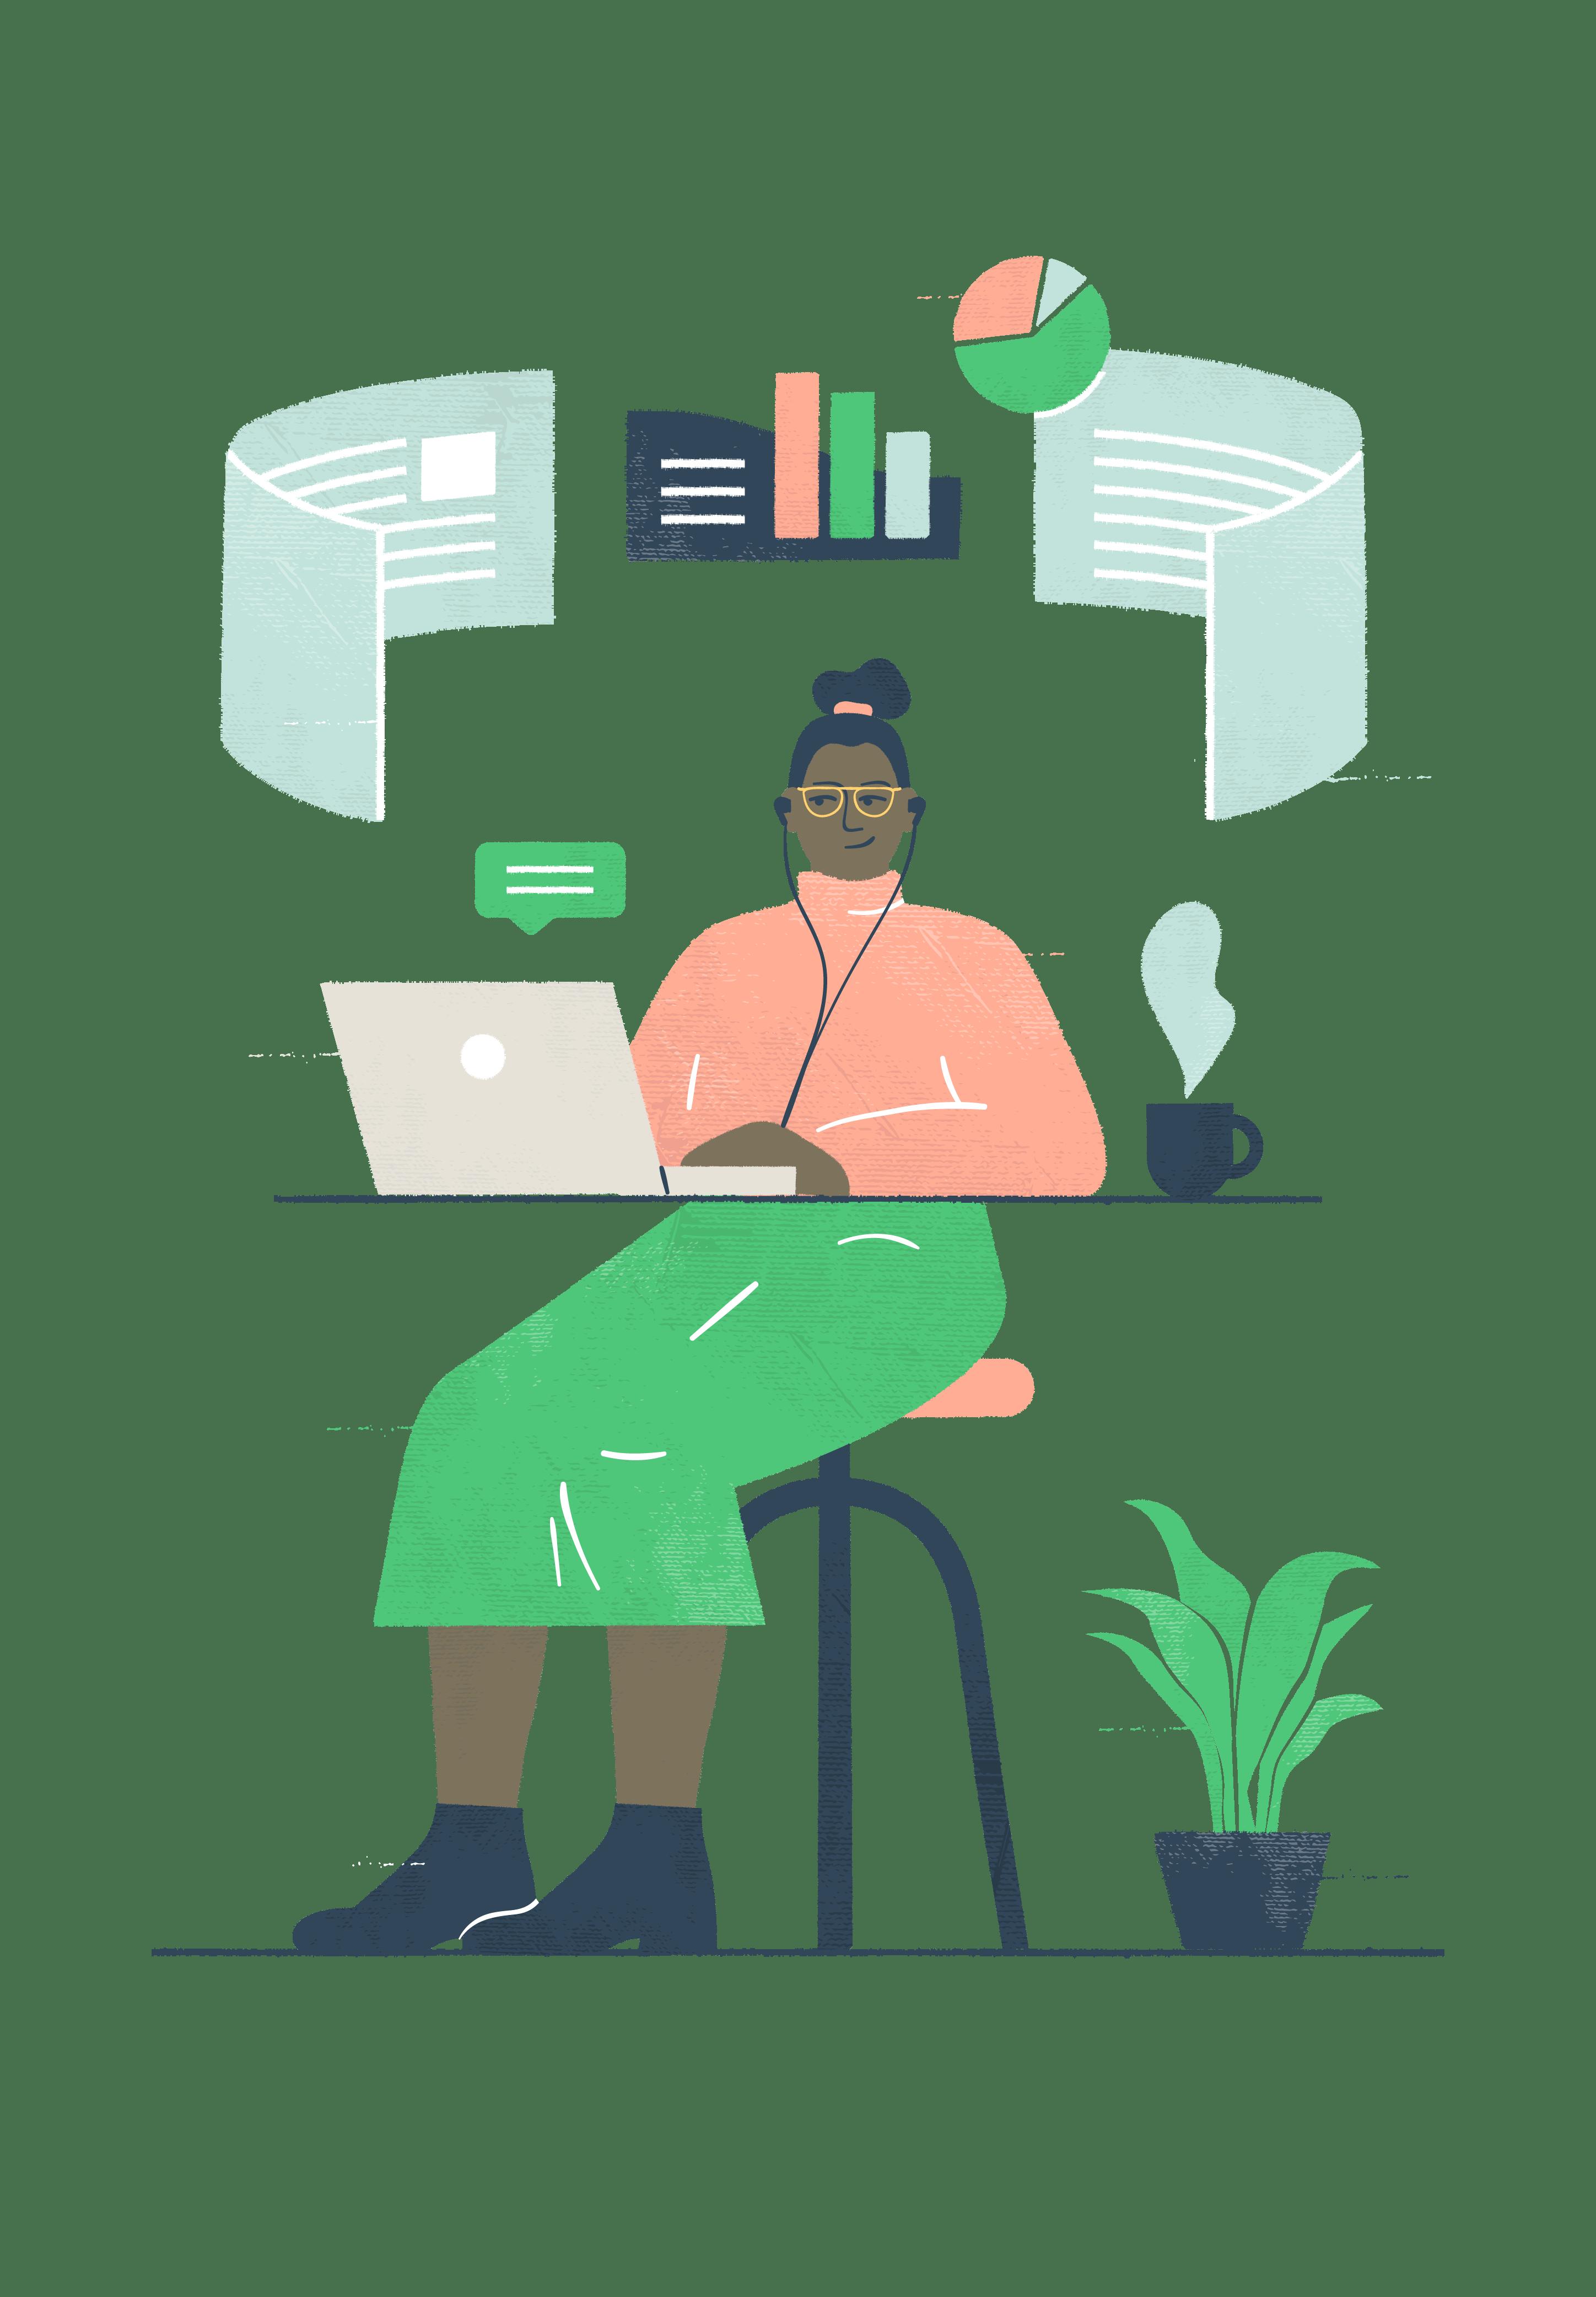 Kuvituskuva: tilinpäätös, tilintarkastus, rekisteröinti